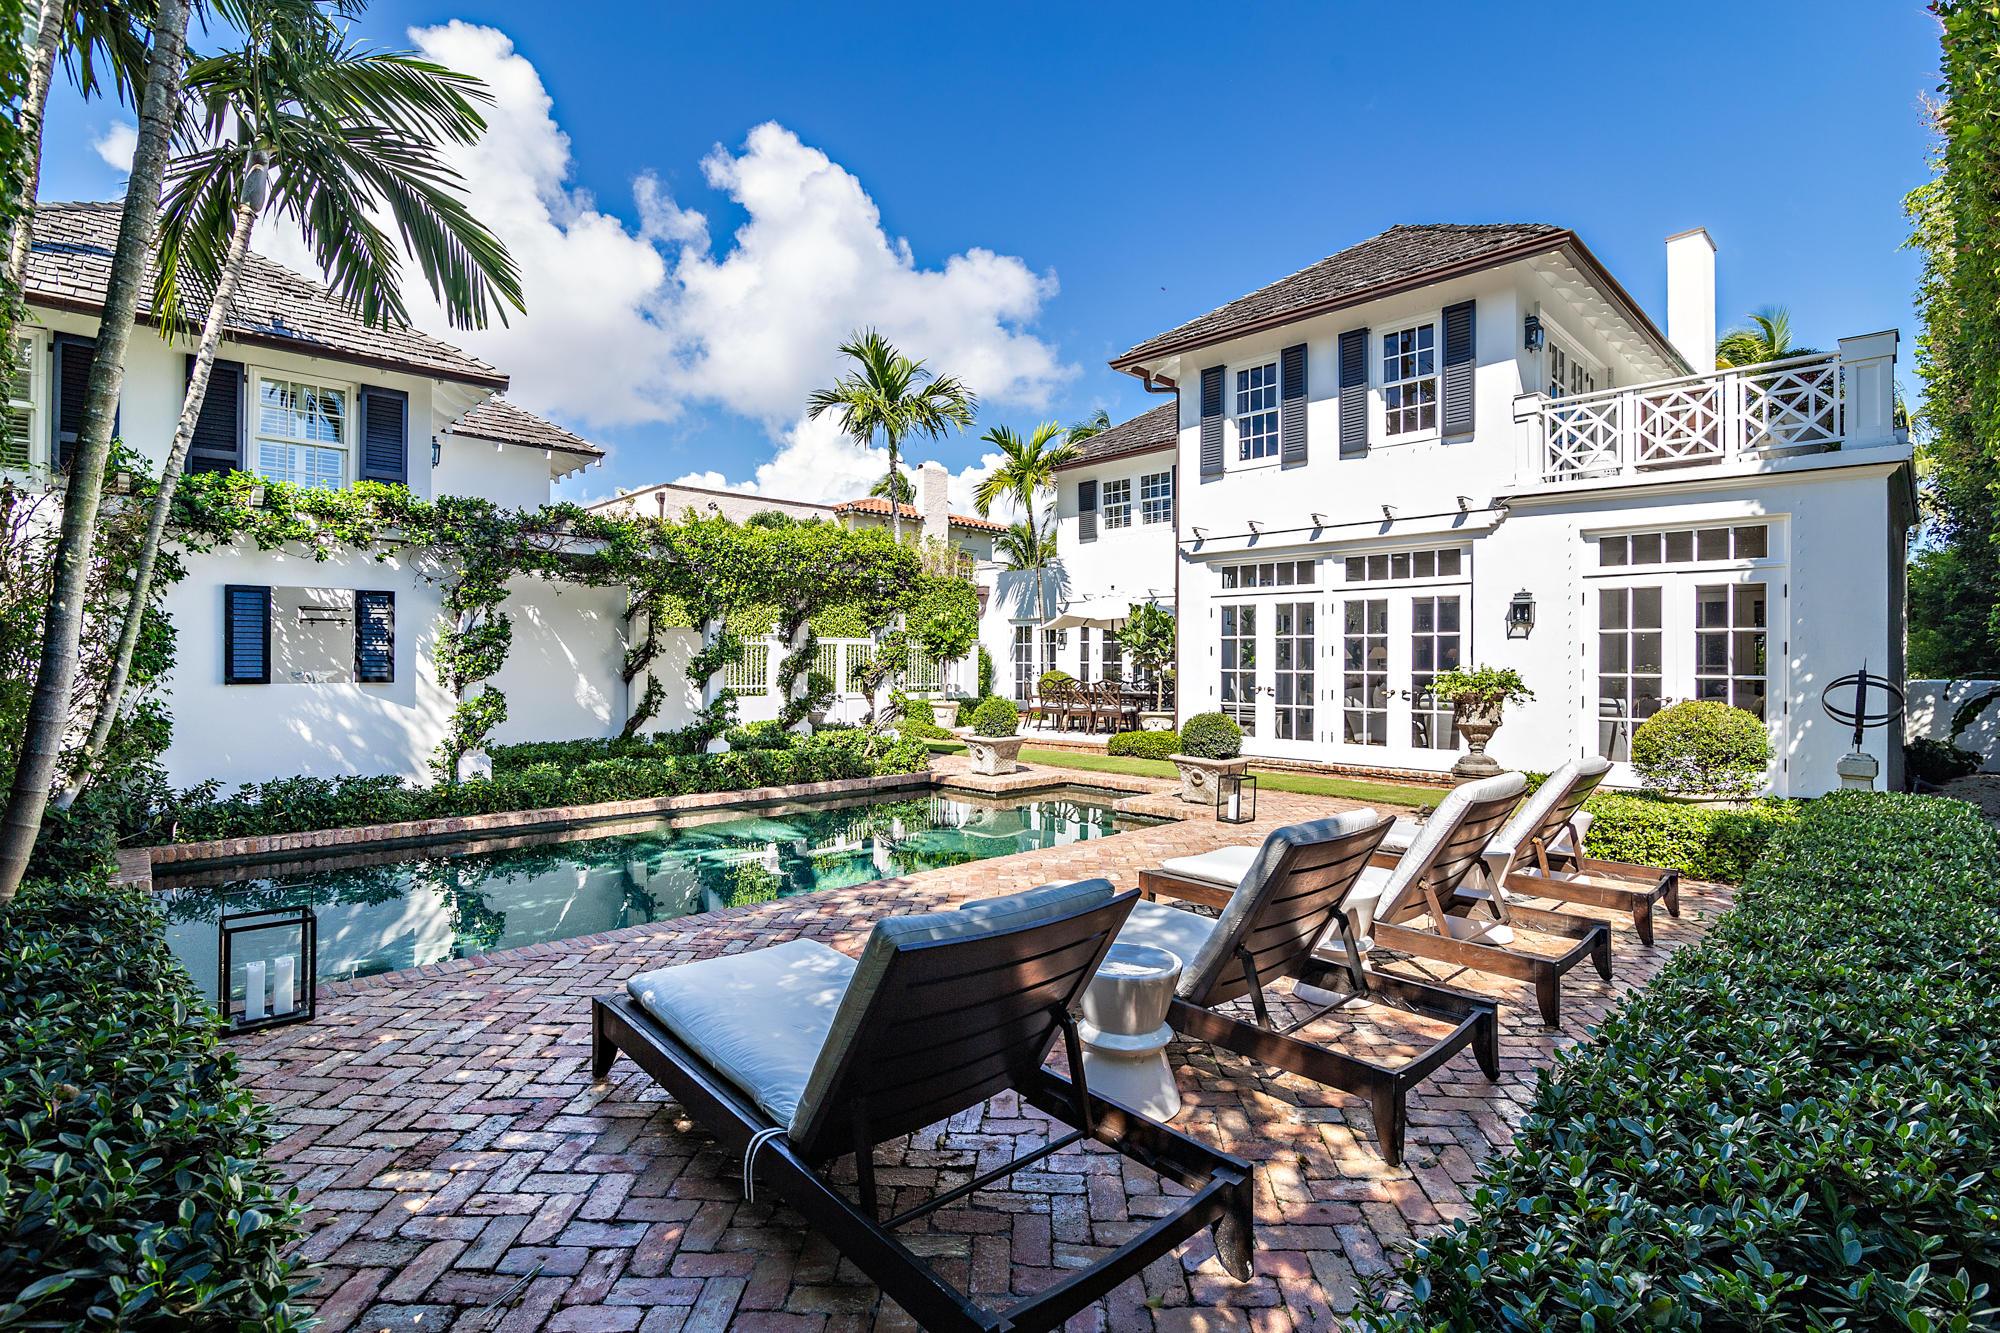 146 Seaspray Avenue, Palm Beach, Florida 33480, 4 Bedrooms Bedrooms, ,3.3 BathroomsBathrooms,Single Family,For Sale,Seaspray,RX-10490036